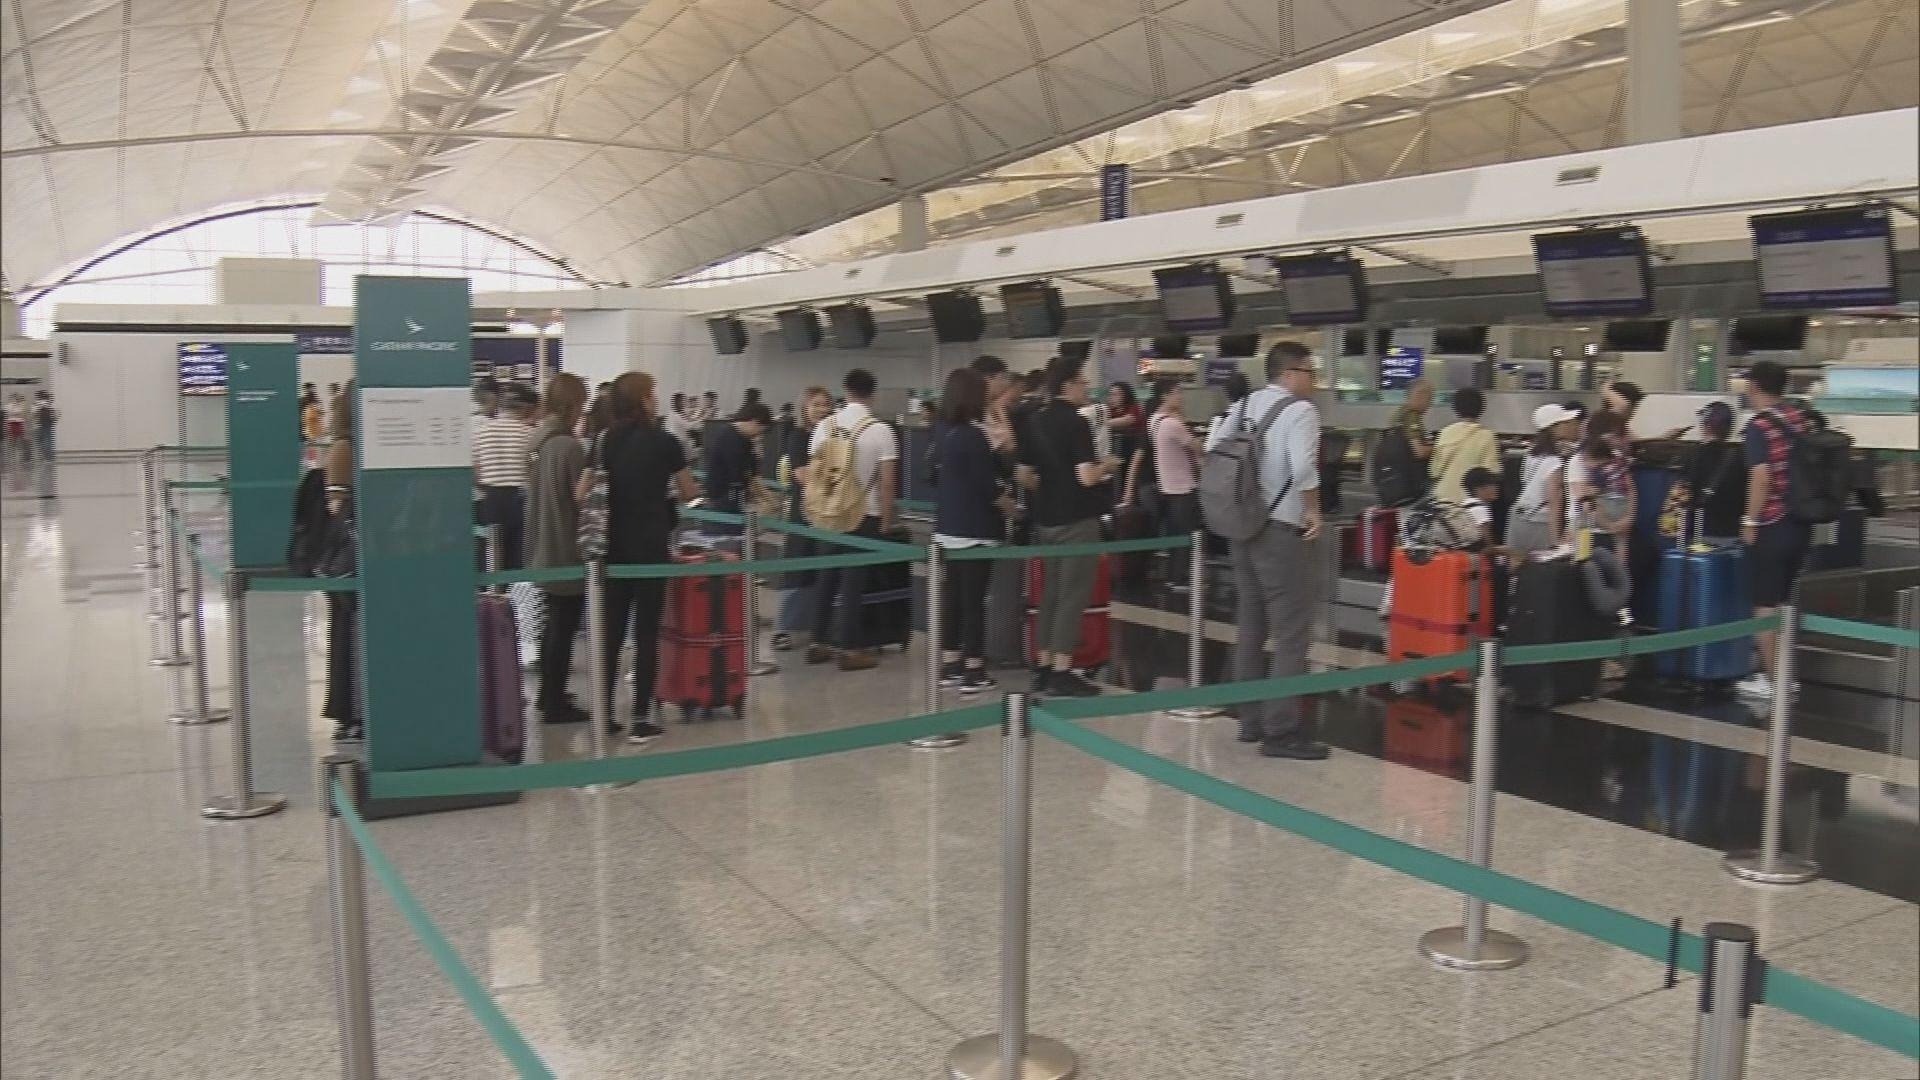 山竹迫近 港航快運旅客可免費更改航班